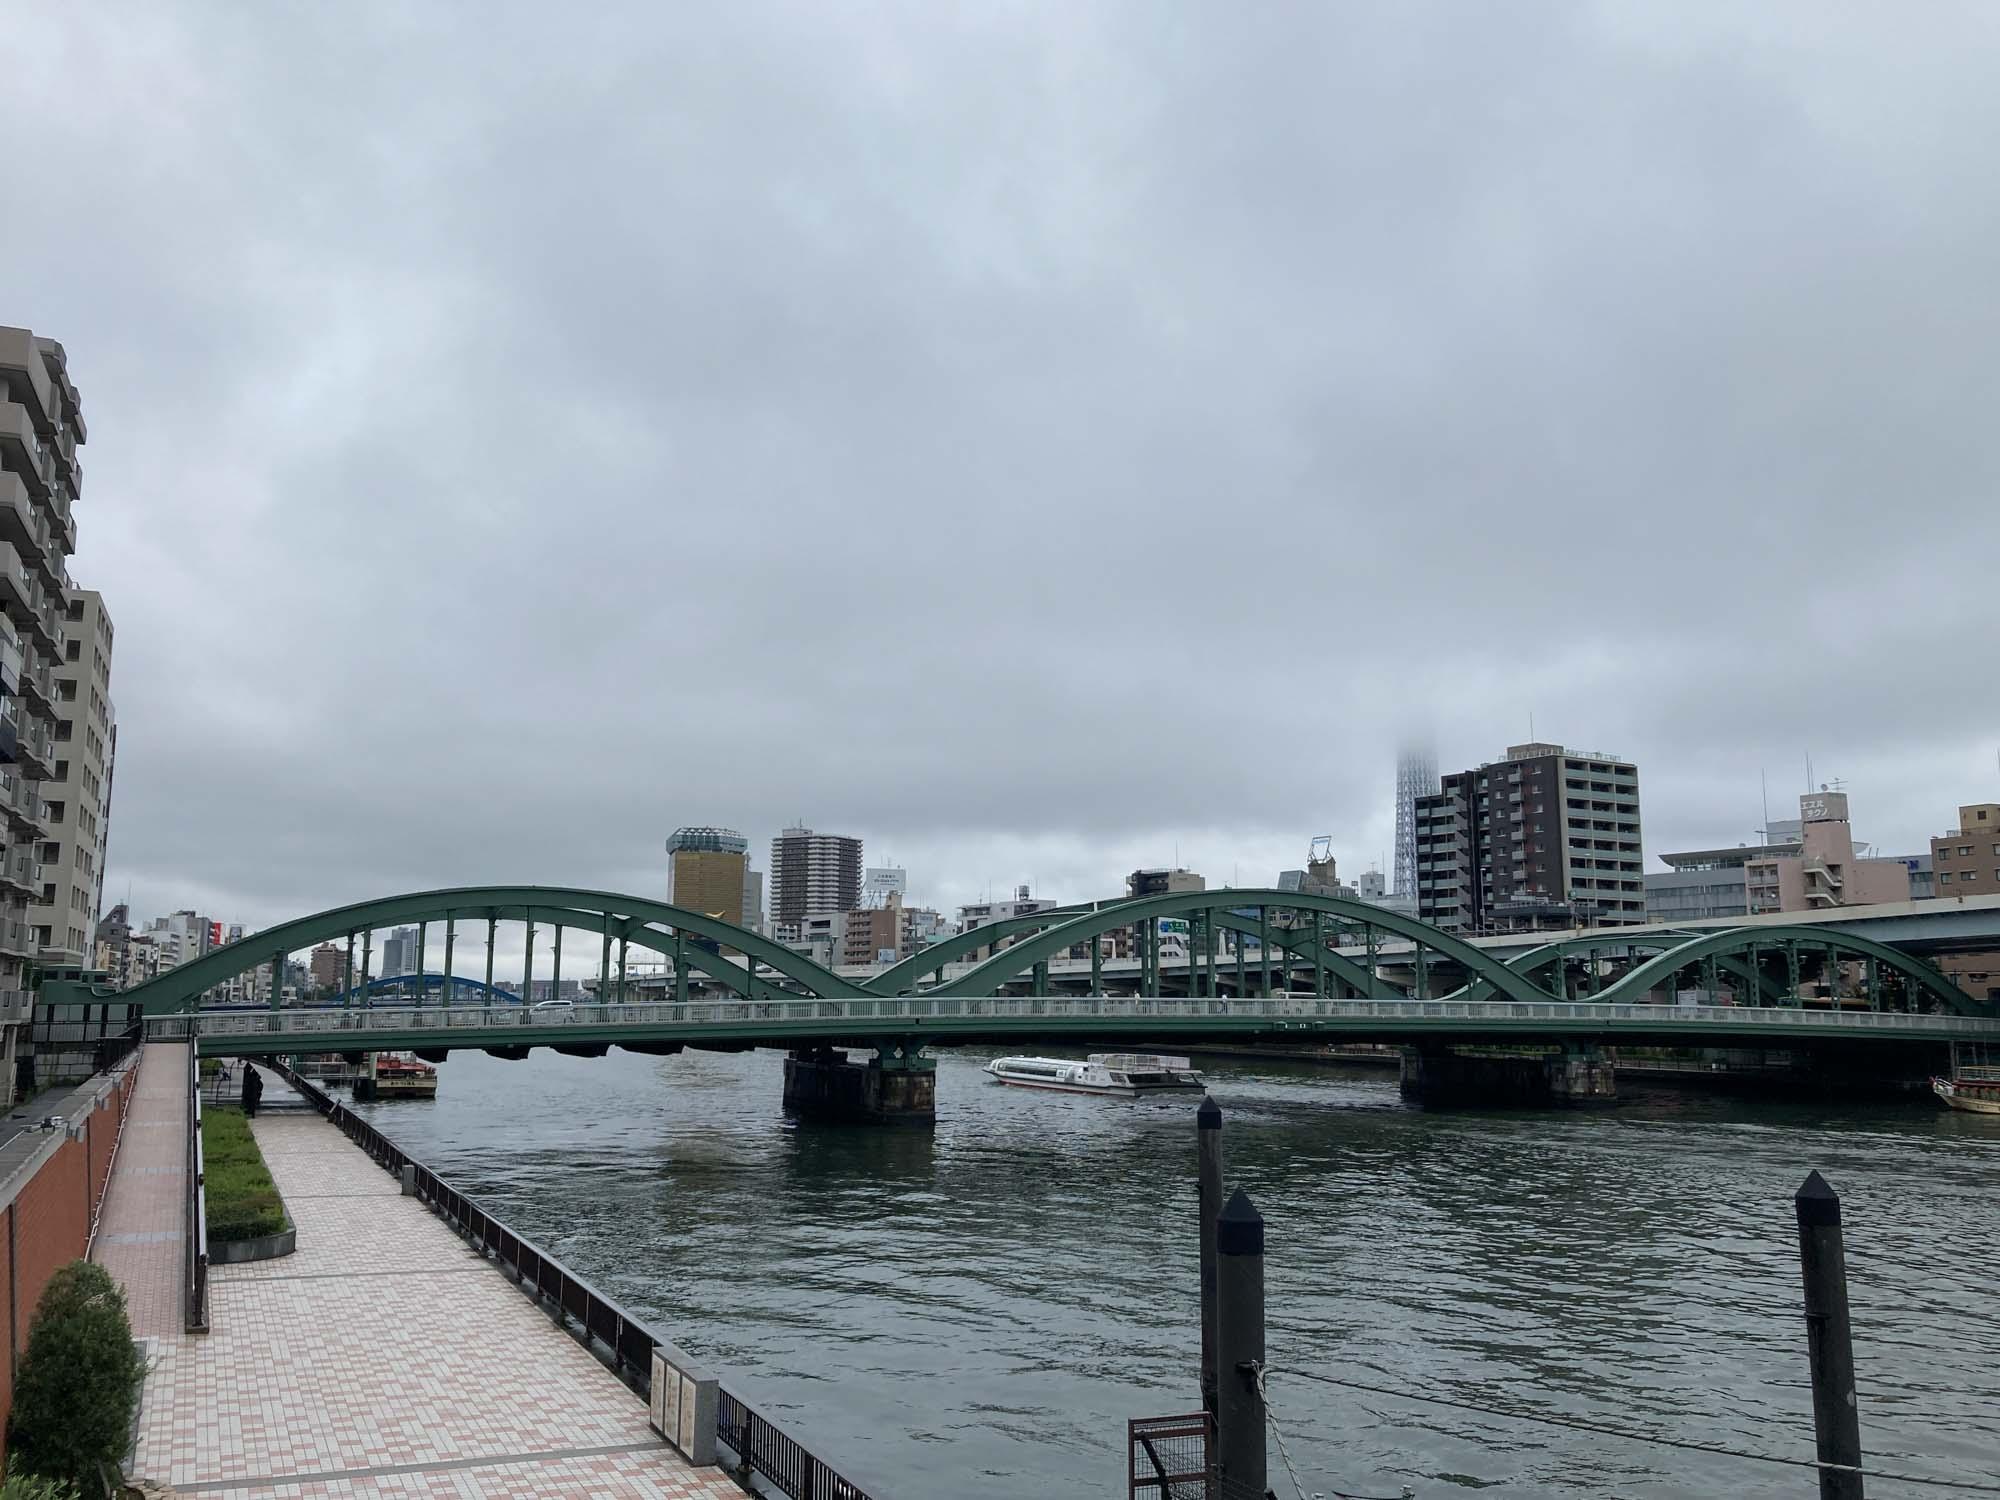 Nui. の目の前の道をまっすぐ進むと、すぐに「隅田川テラス」にも出られます。ジョギングや、仕事が行き詰まった時の息抜きに。